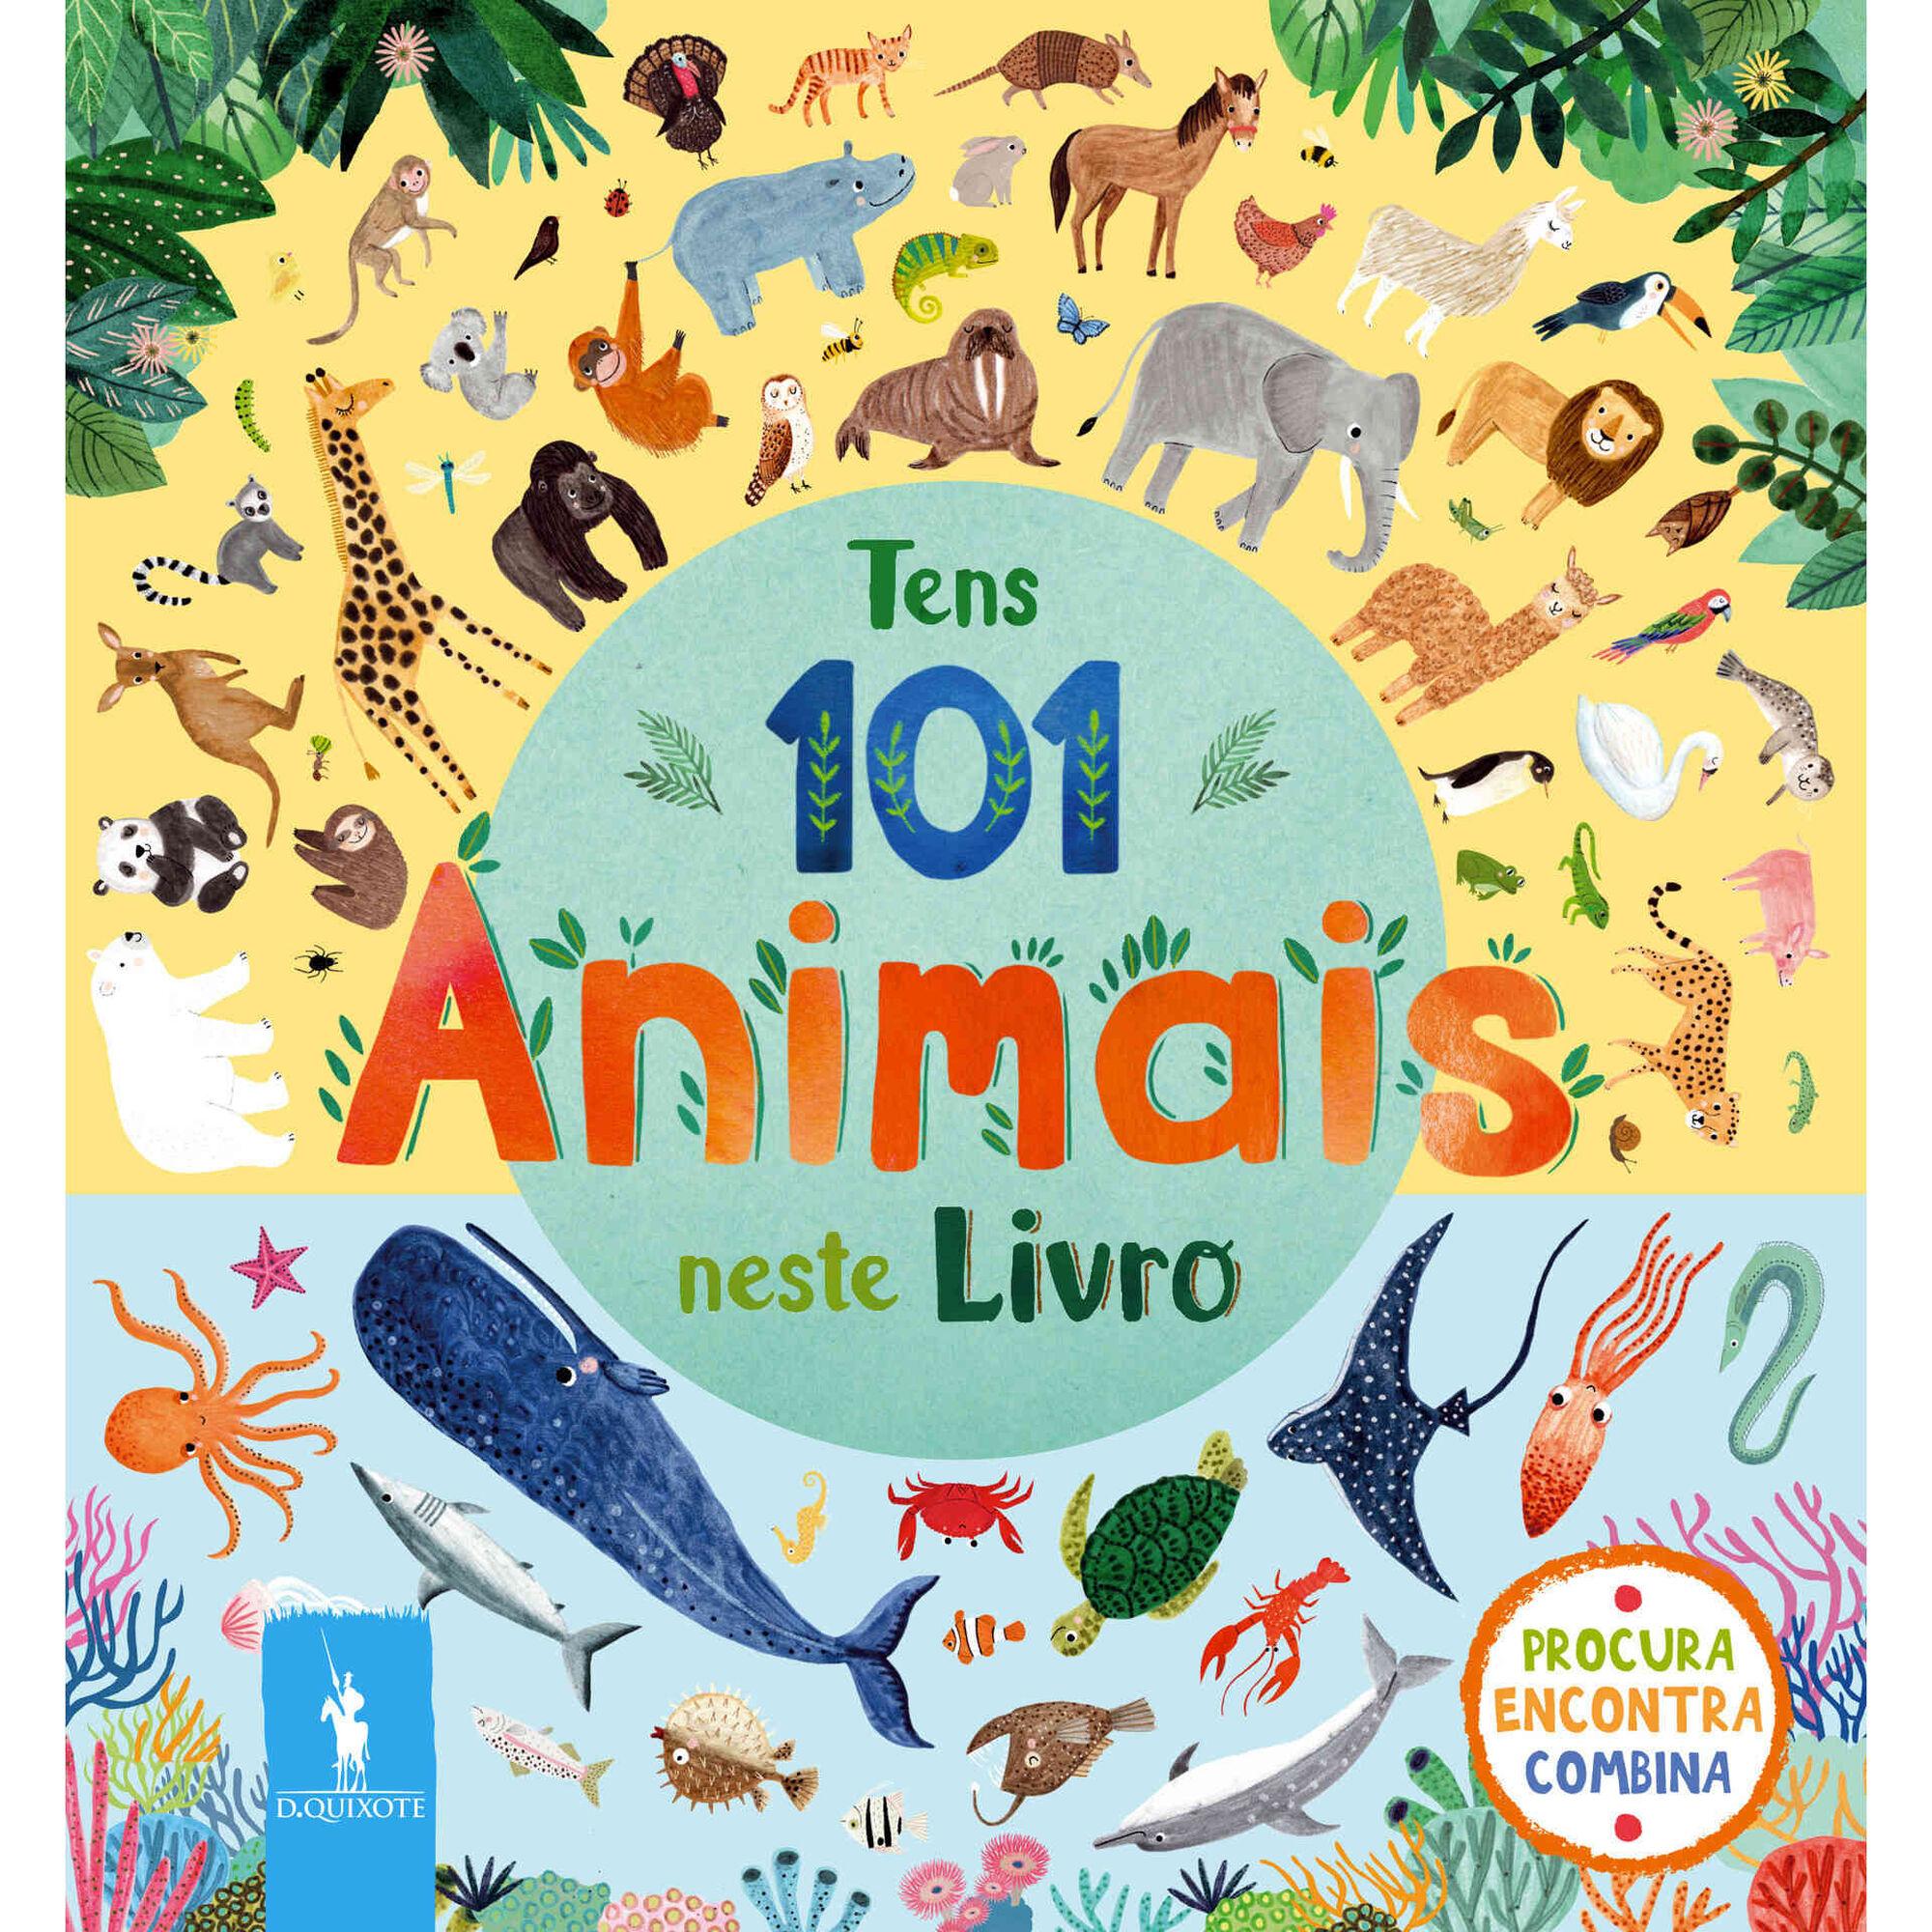 Tens 101 Animais Neste Livro